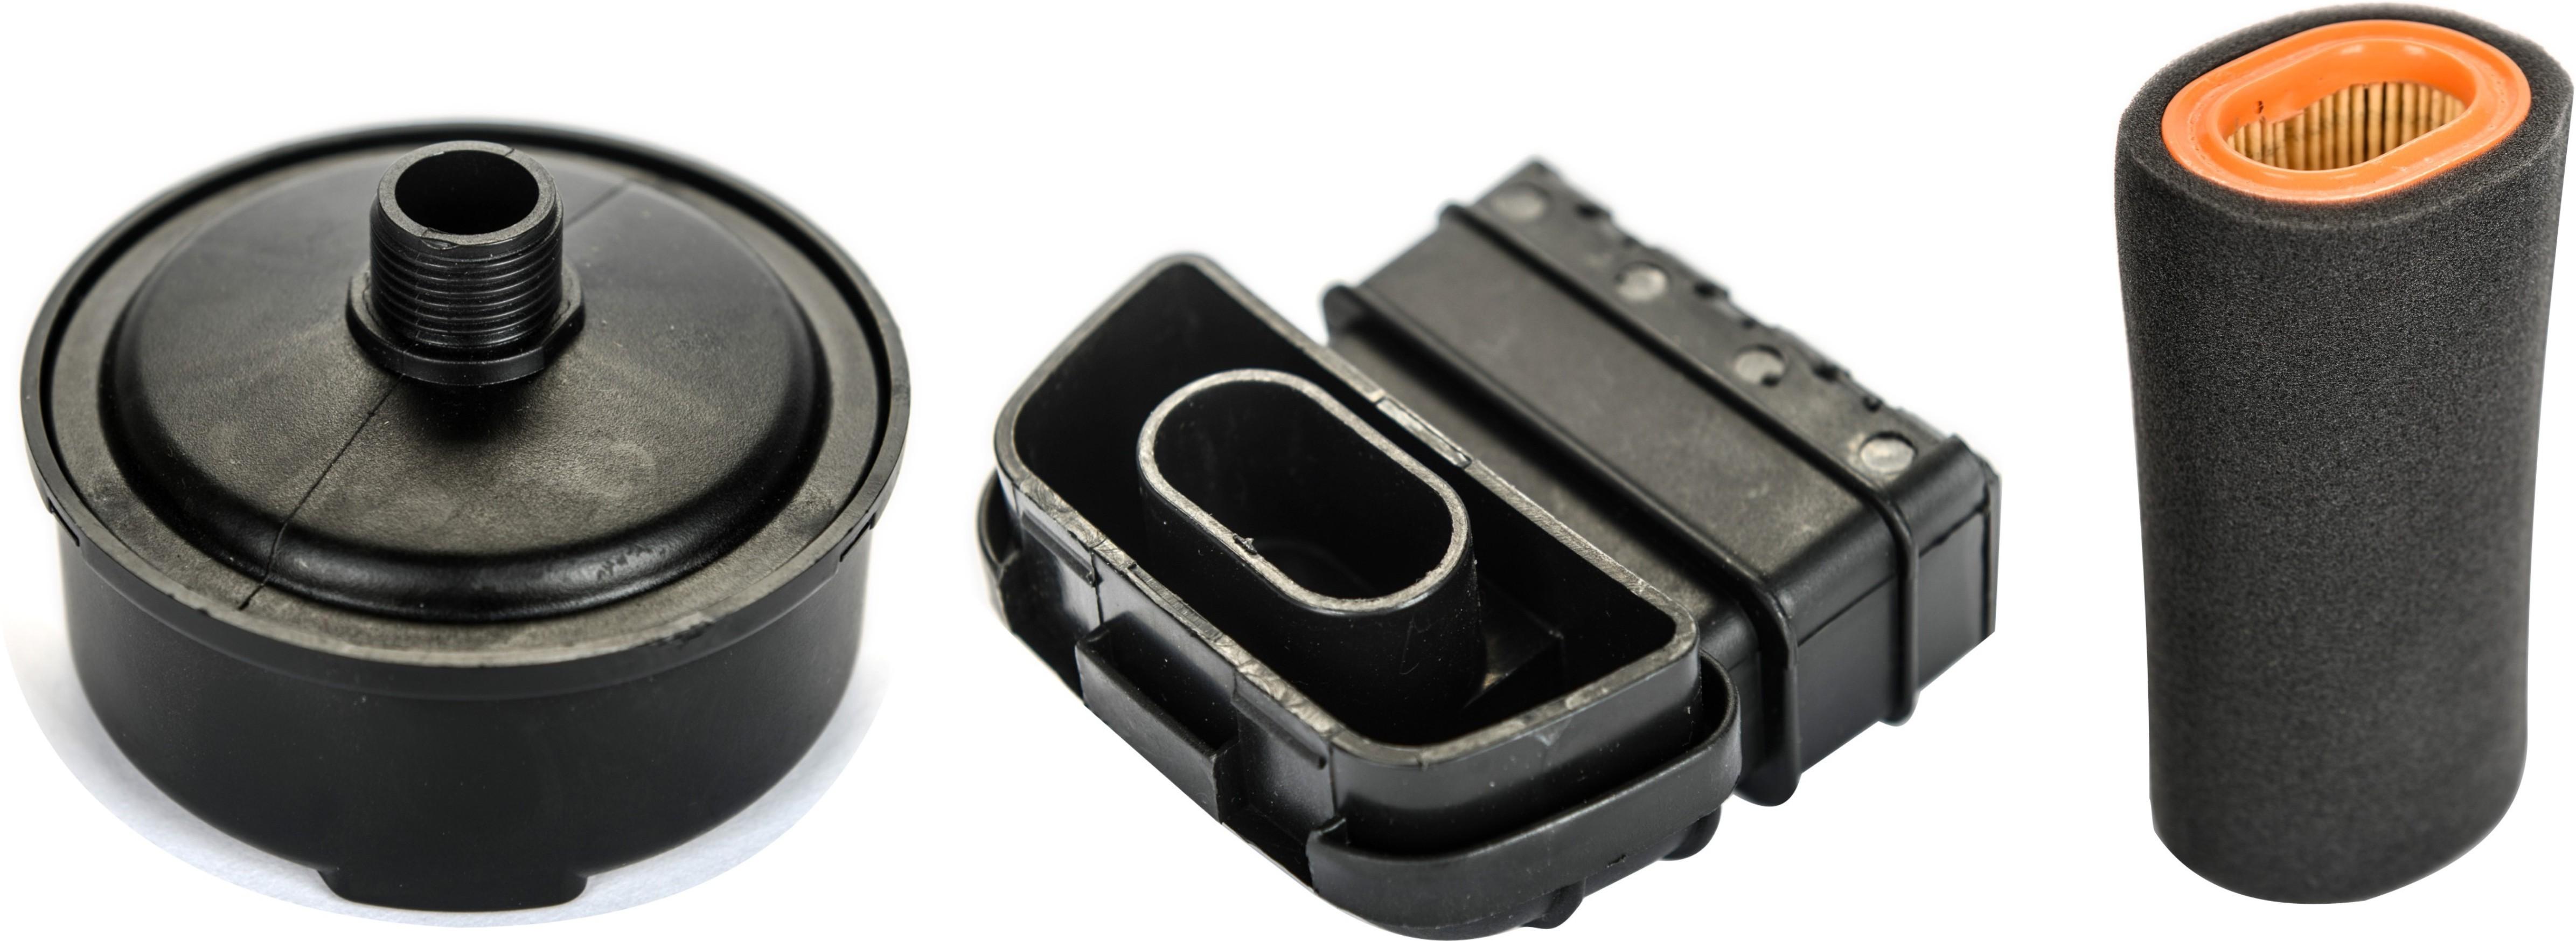 Légszűrők dugattyús kompresszorokhoz